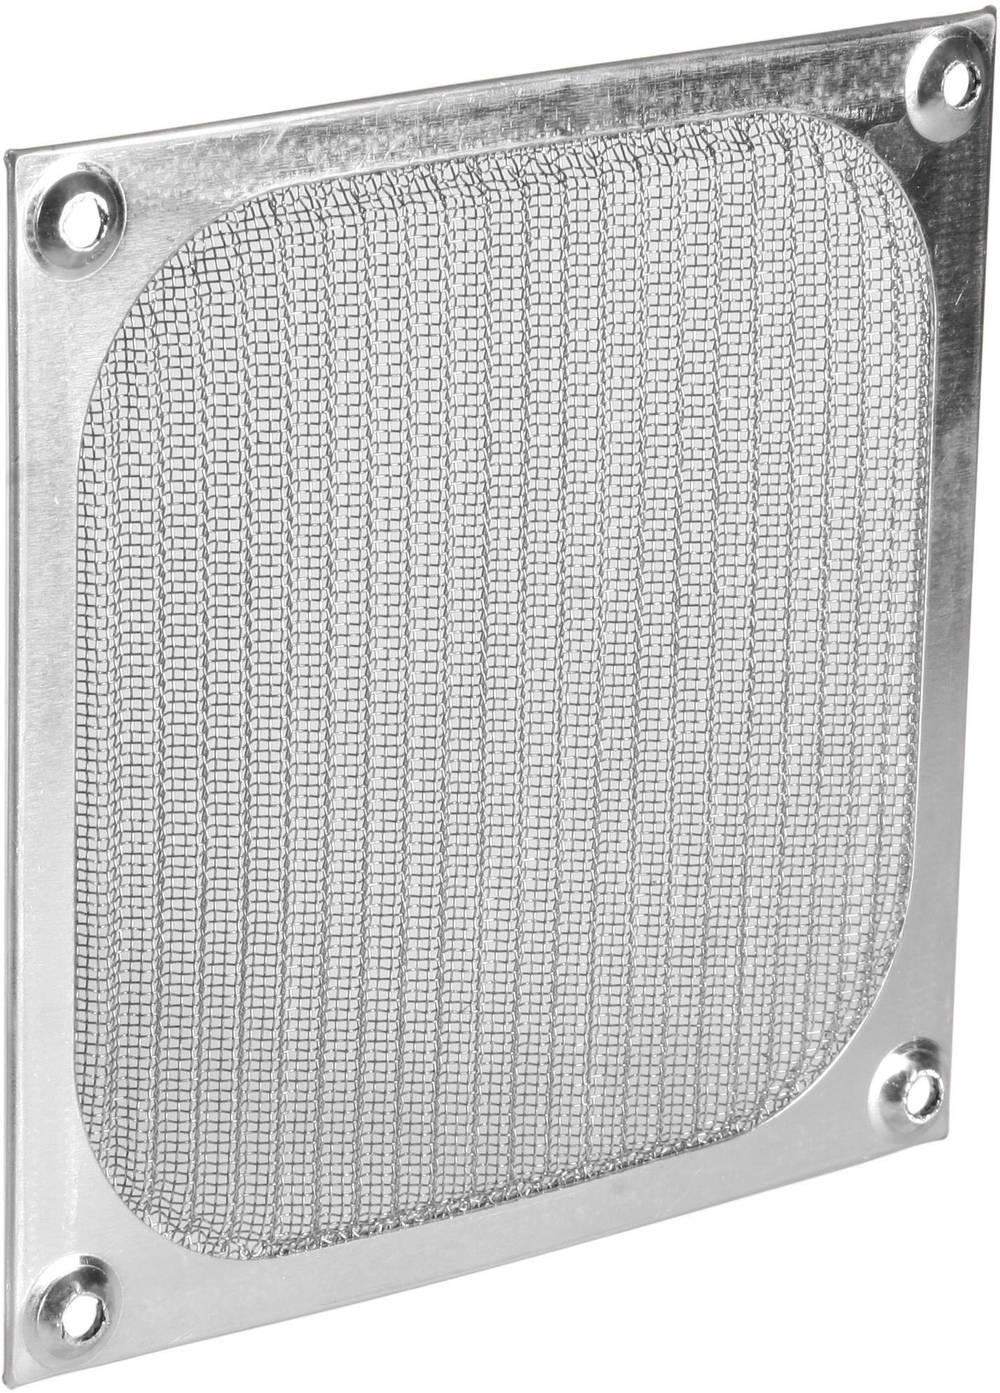 EMV protiprašni filter 1 kos FM80 SEPA (Š x V x G) 84 x 3.5 x 84 mm aluminij, nerjaveče jeklo